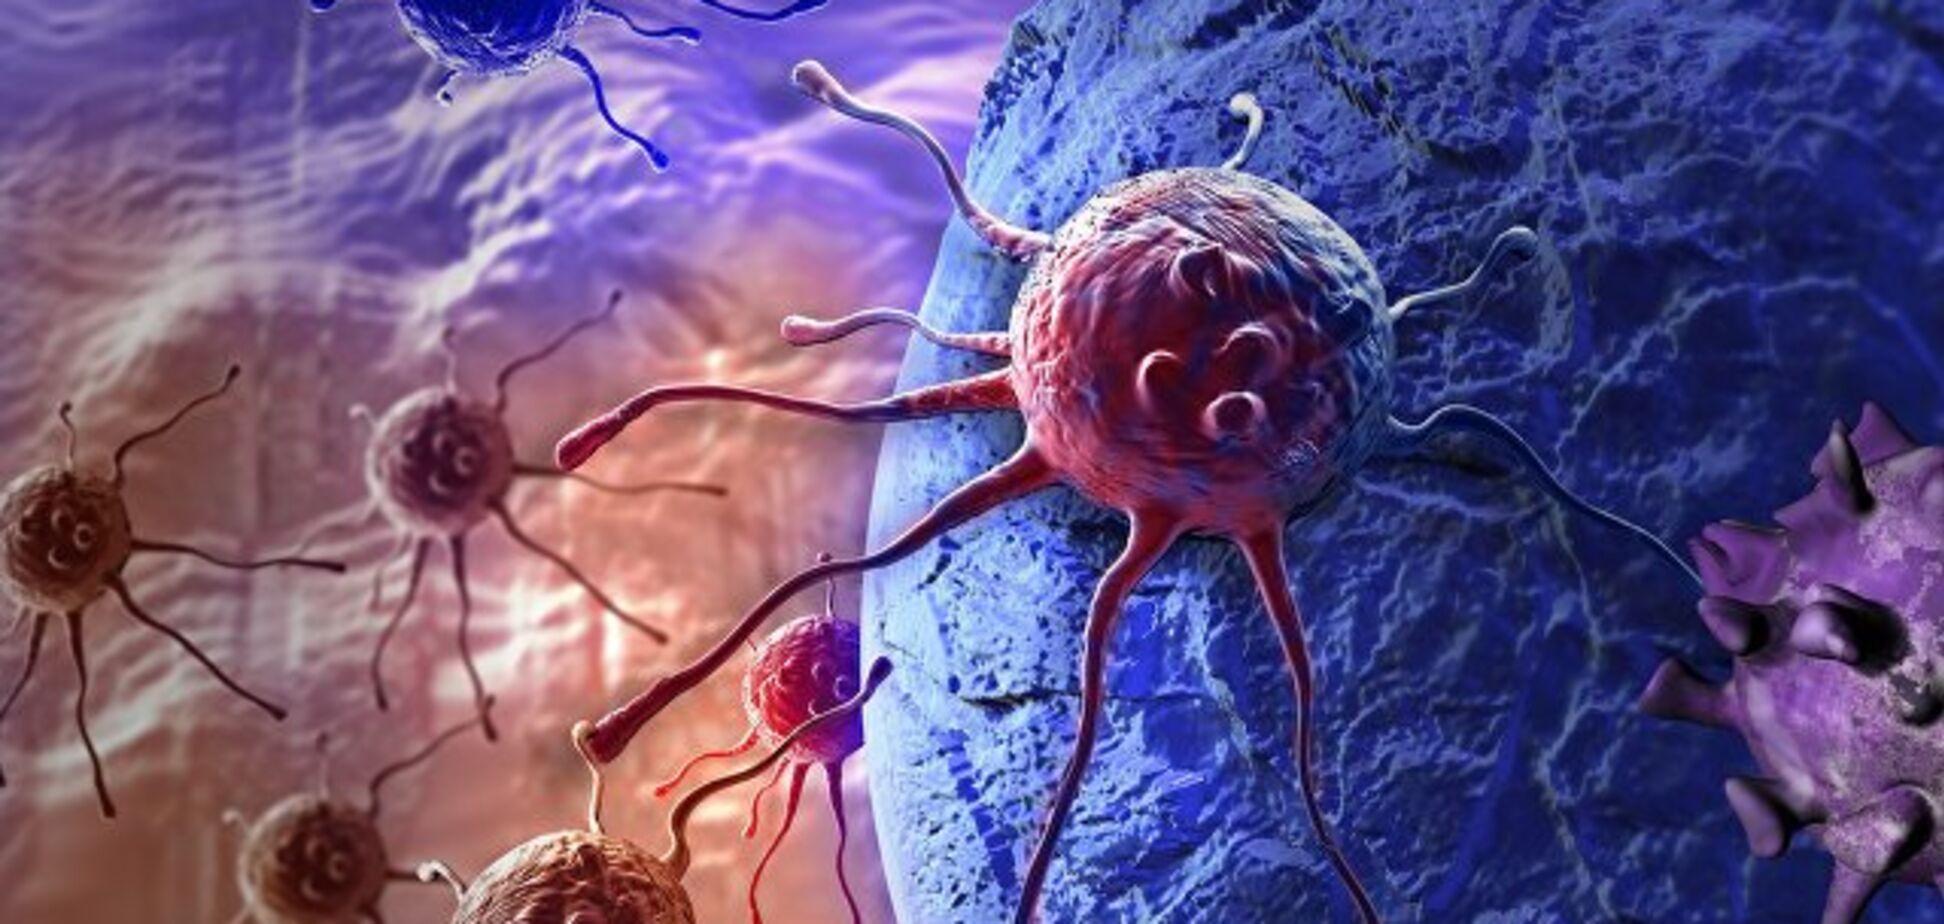 Ученые раскрыли неожиданный способ защиты от рака